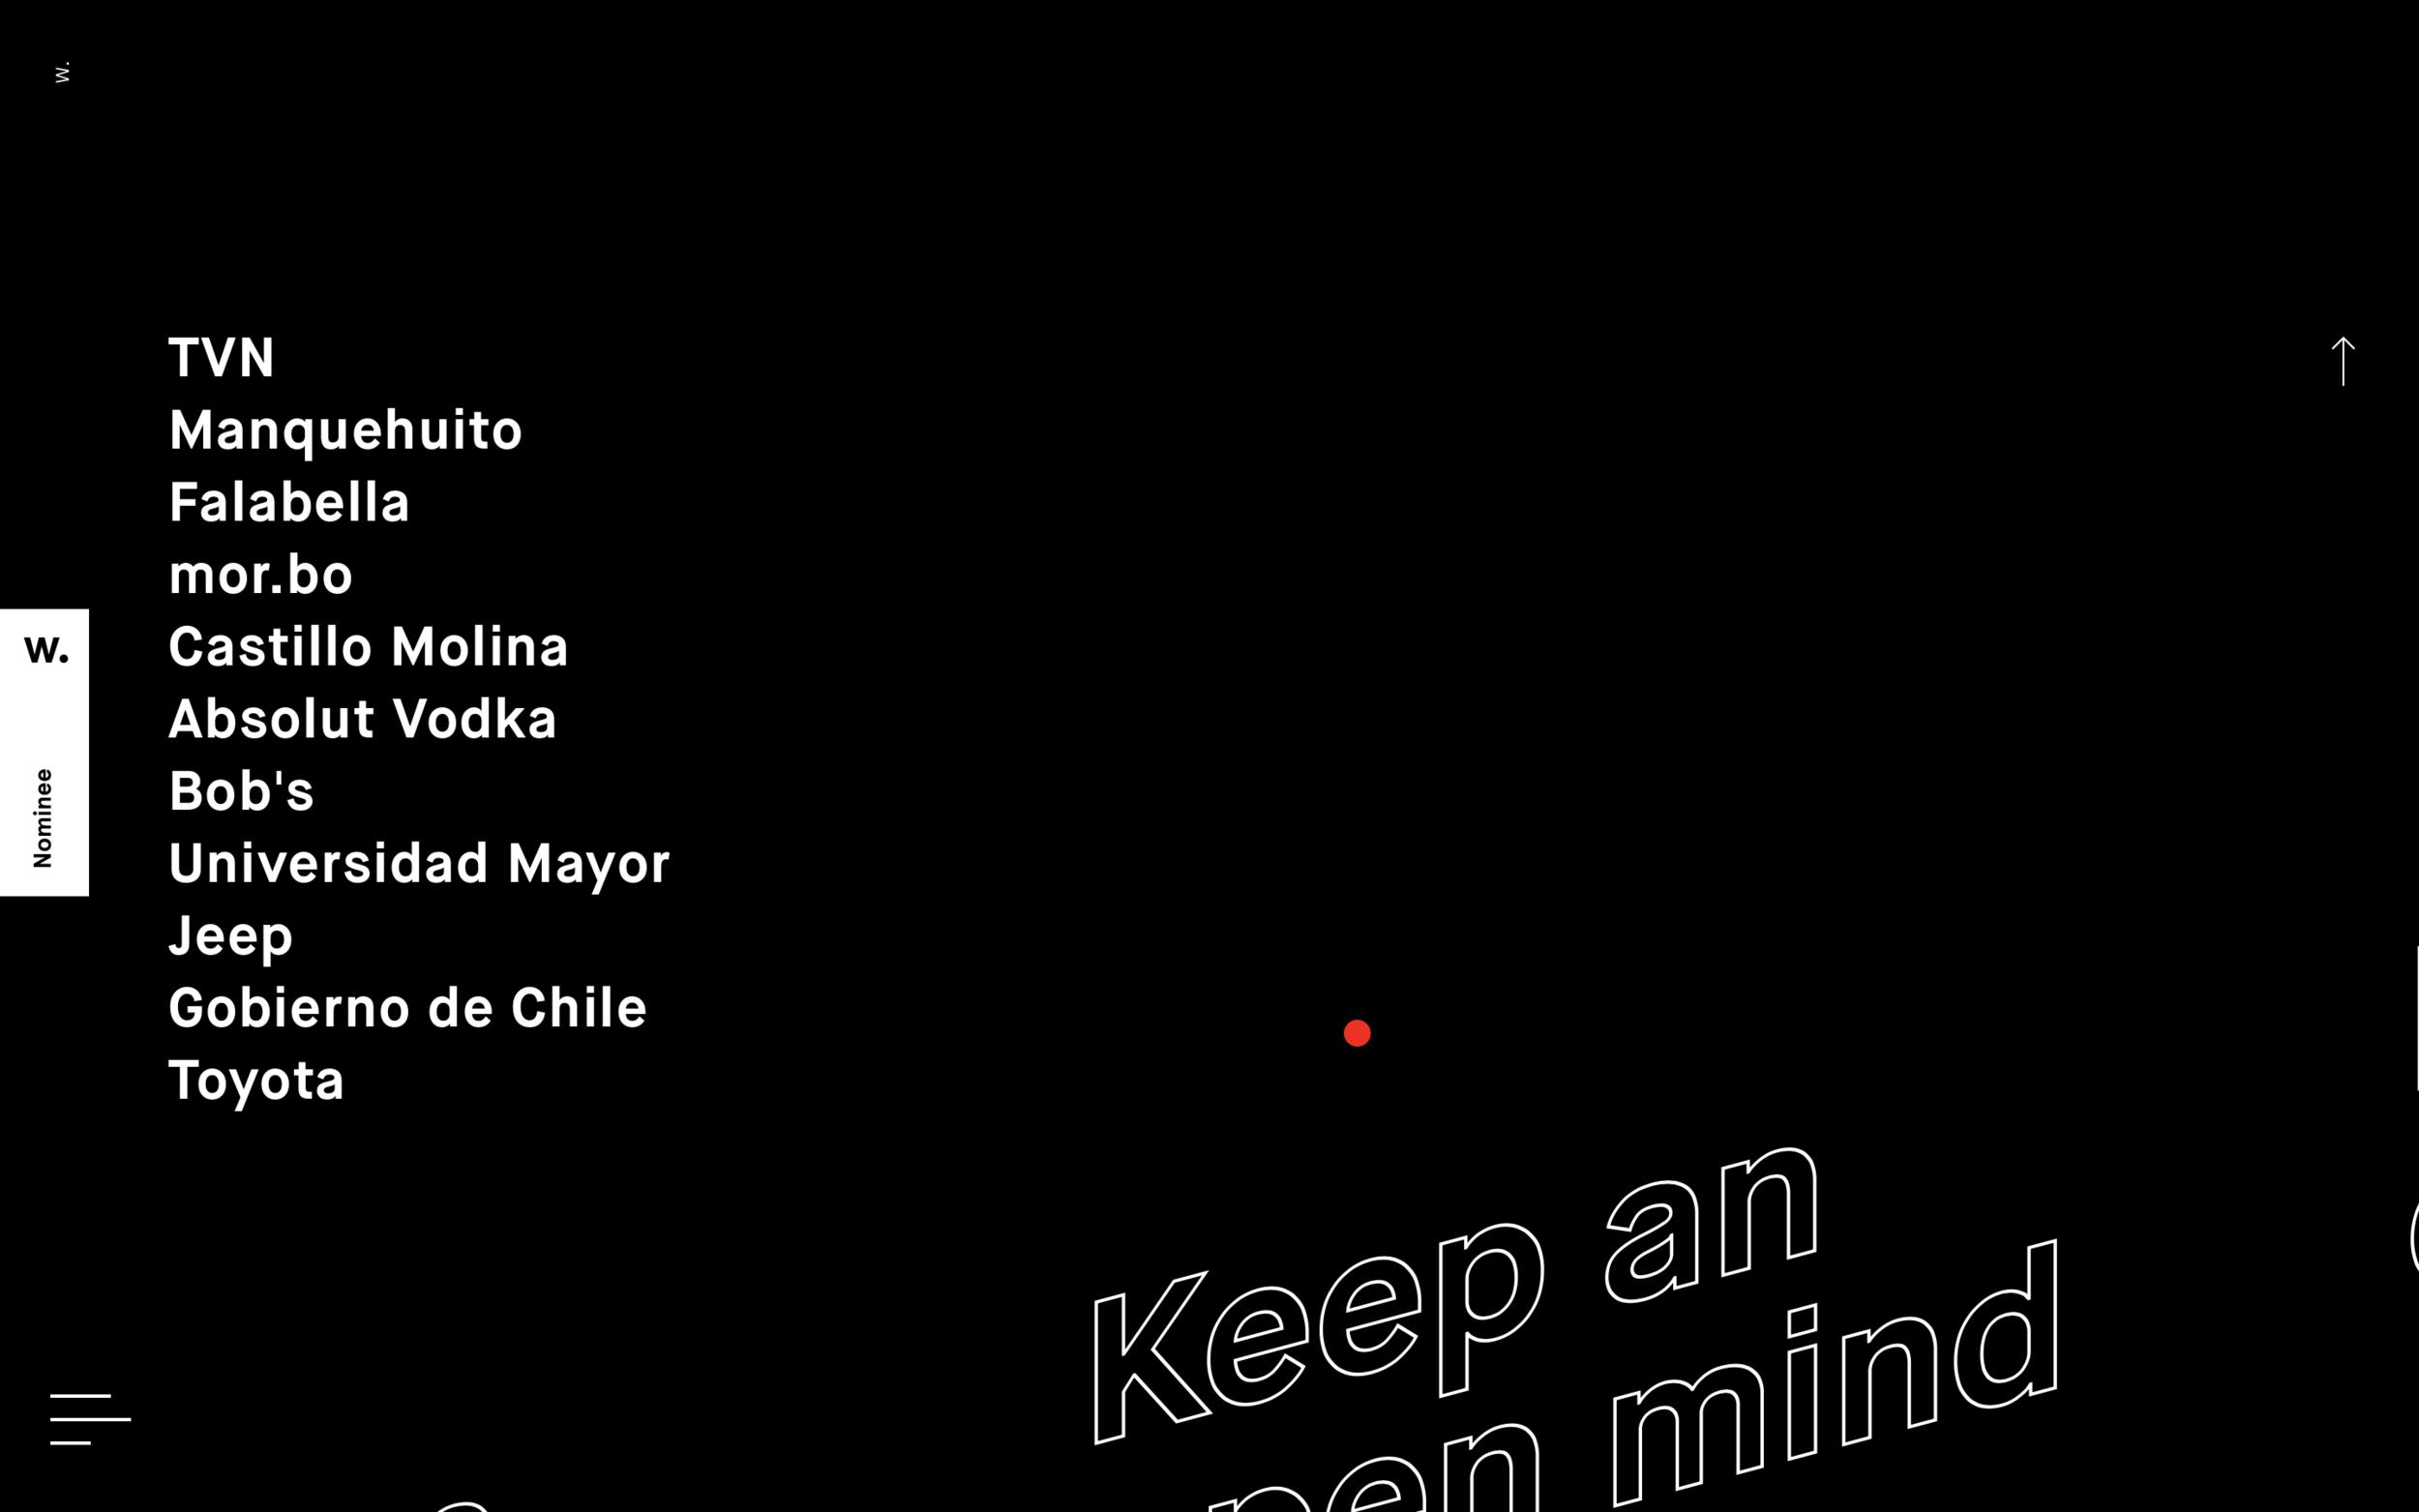 Captura de pantalla 2018-09-02 a las 1.03.03.png